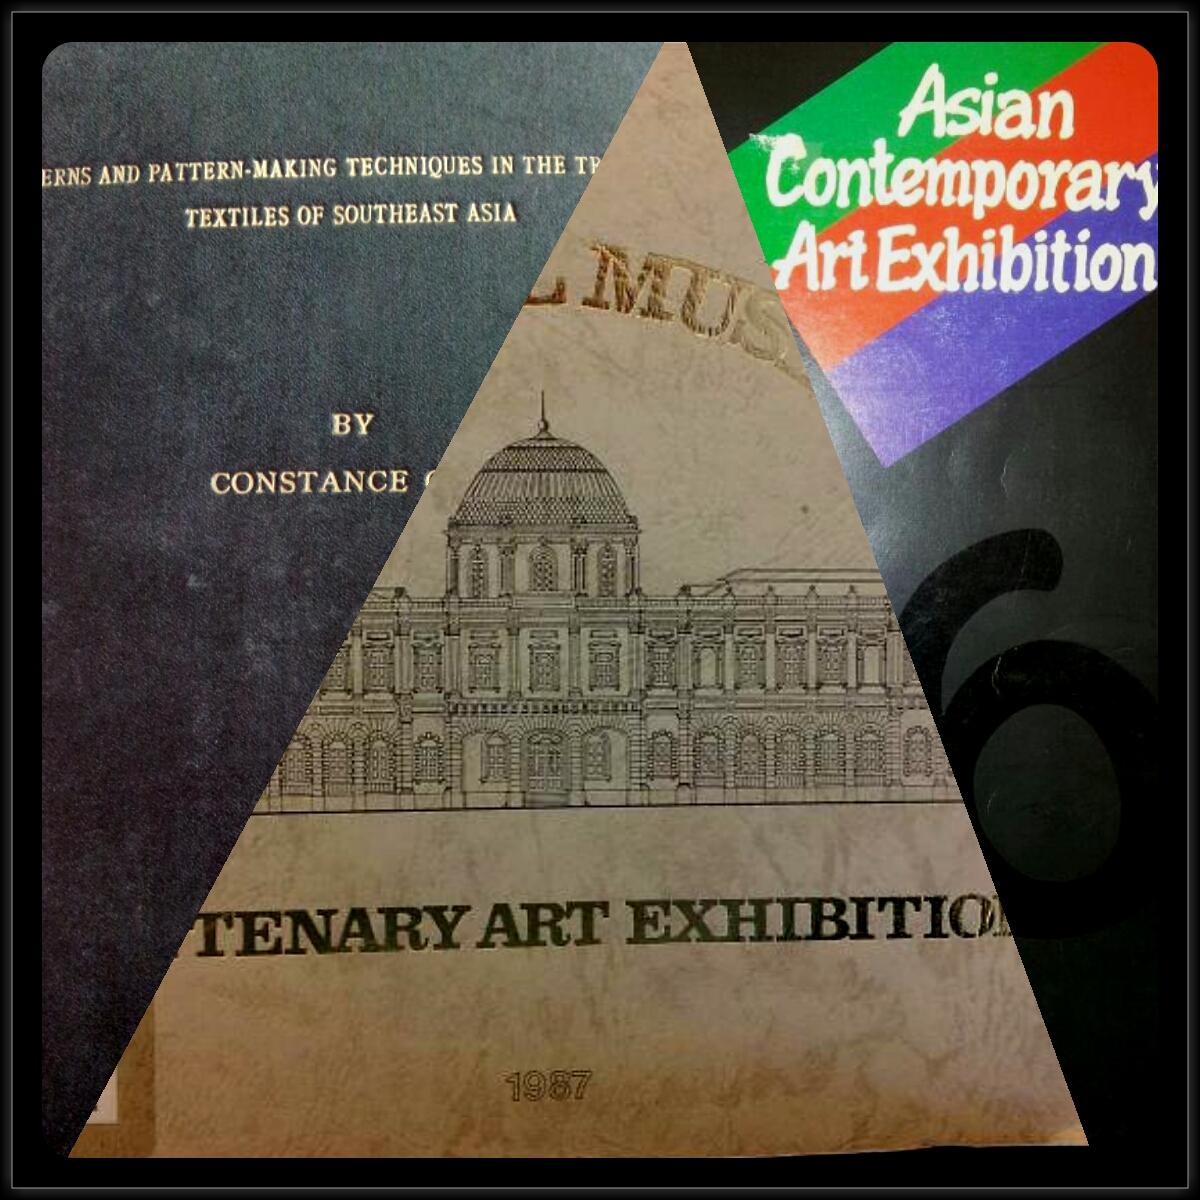 NUS MUSEUM: Diary of an NUS Museum Intern: Nurul Syazwani